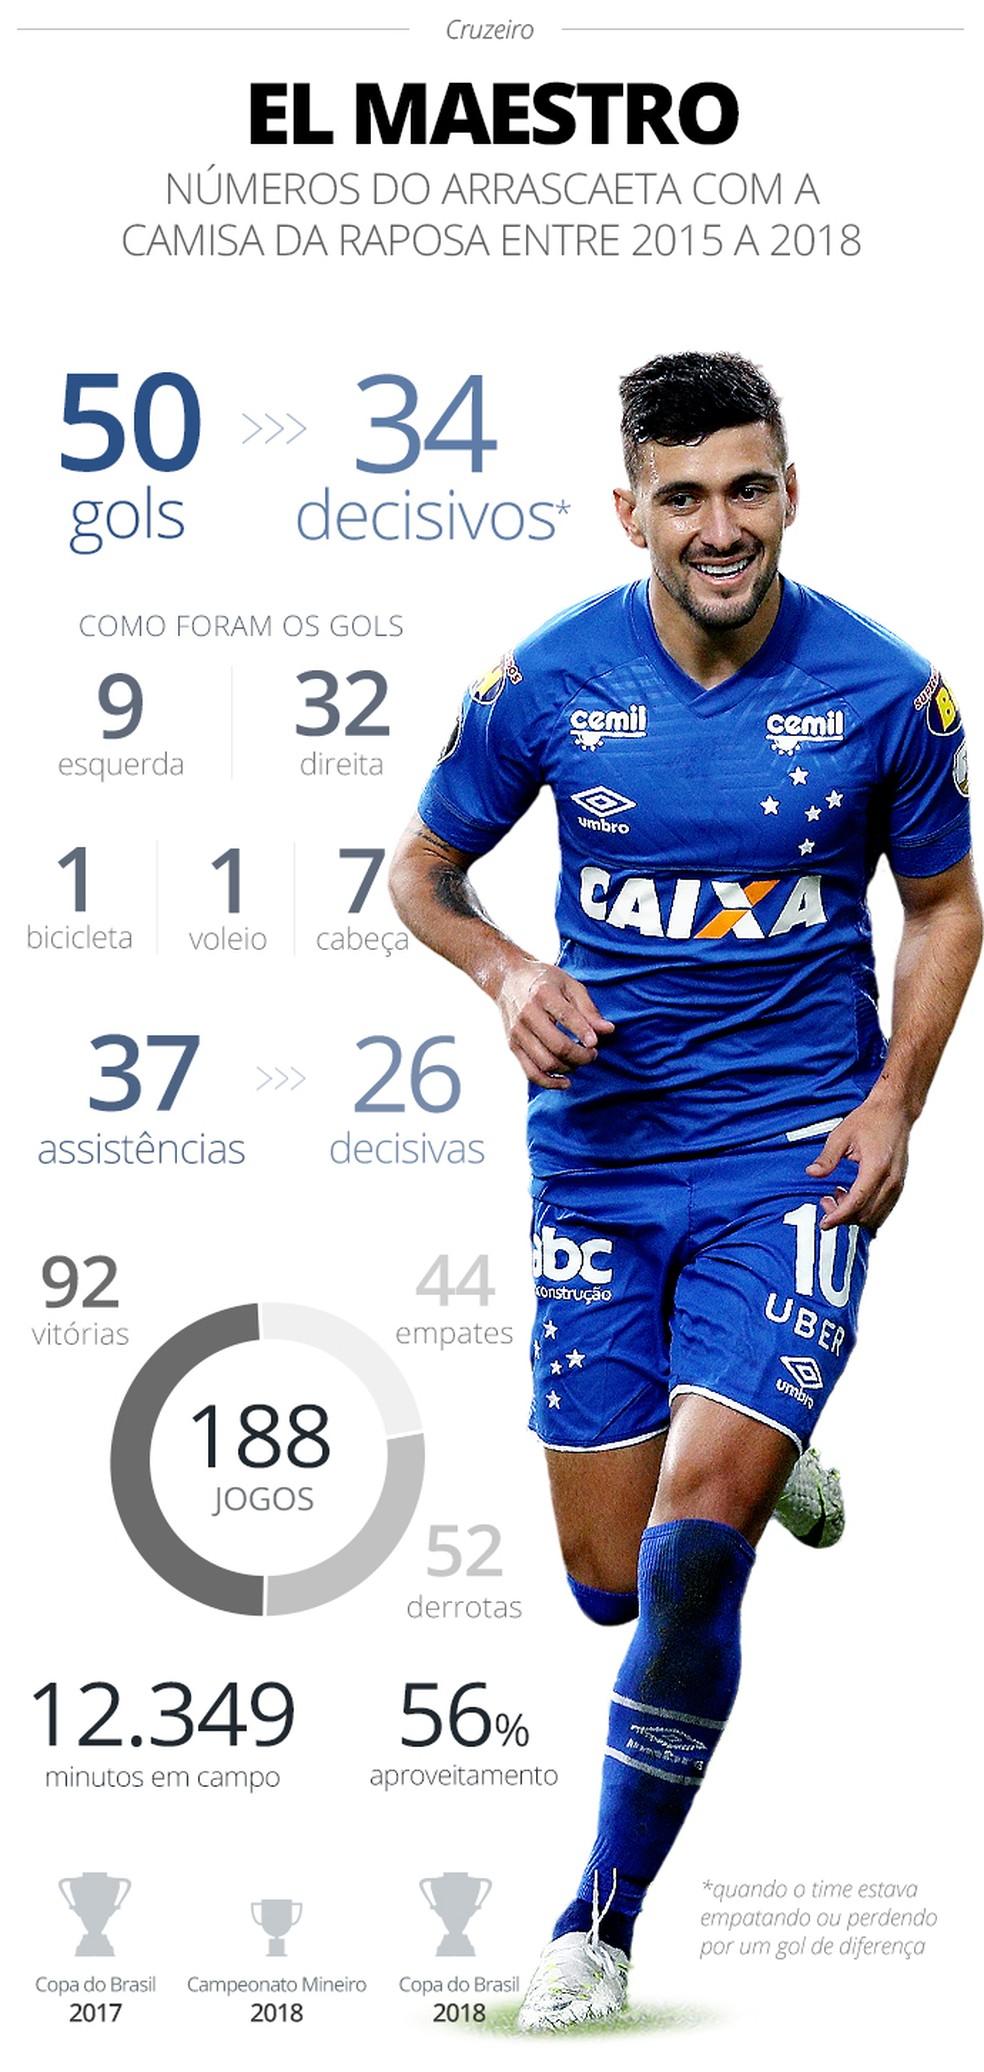 Números de Arrascaeta com a camisa do Cruzeiro — Foto: Infoesporte